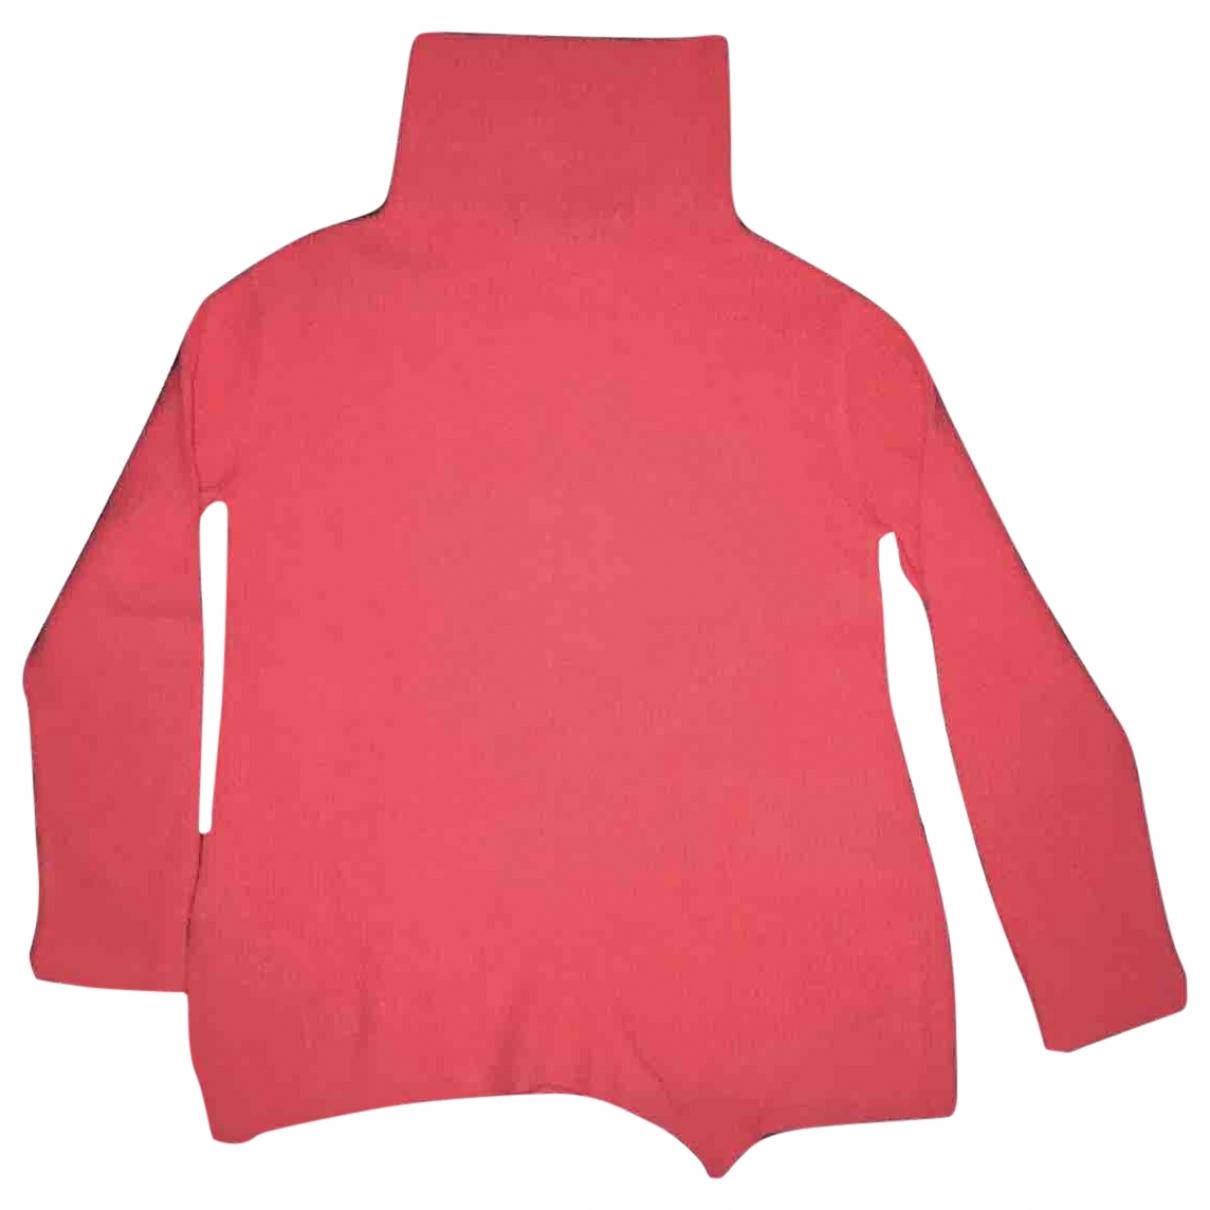 Sies Marjan \N Pink Knitwear for Women S International